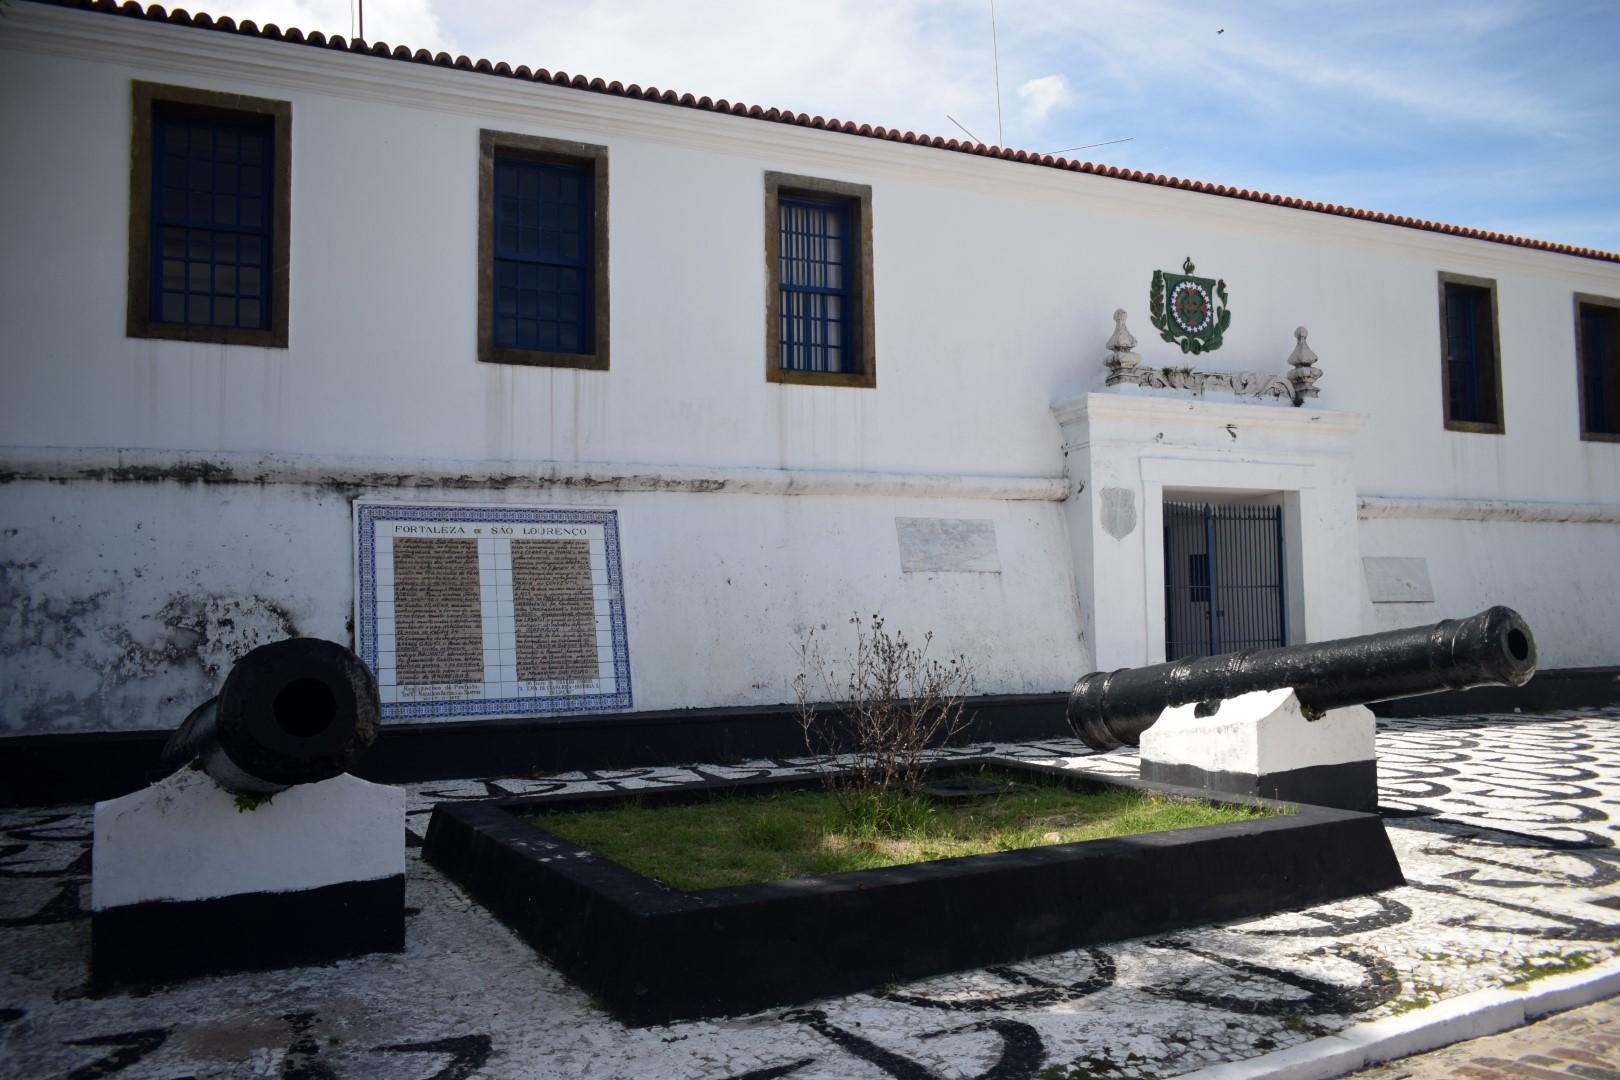 Fortaleza de São Lourenço, Nova Itaparica, Itaparica